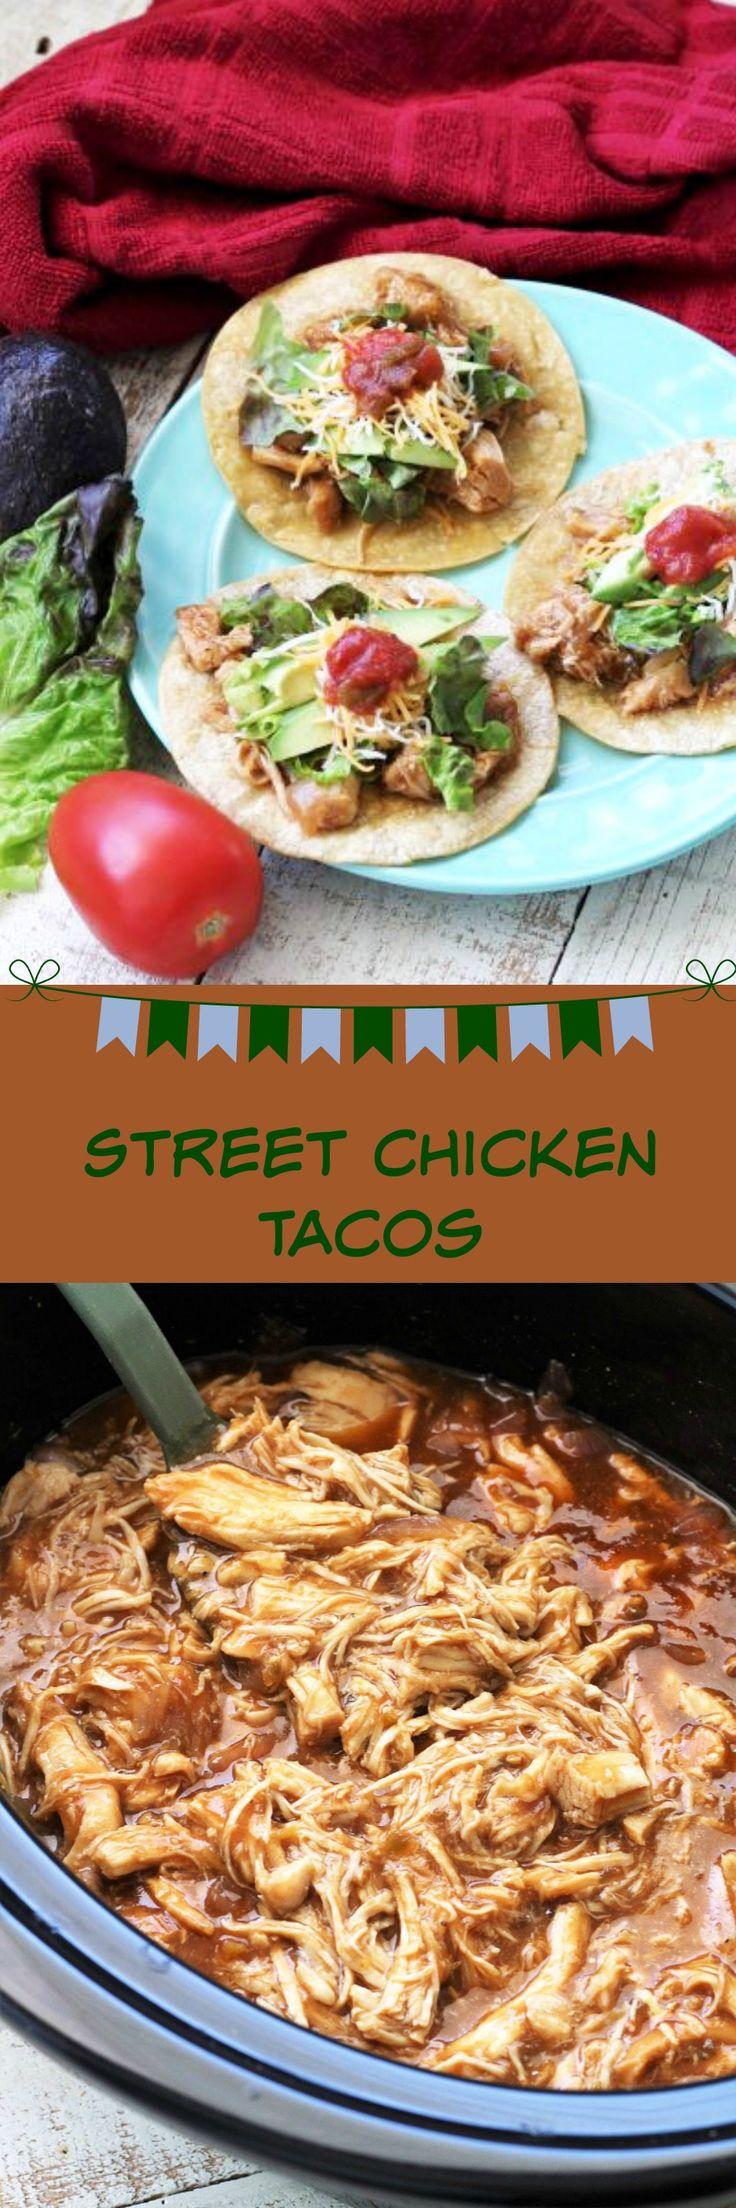 Street Chicken Tacos, Recipe Treasures